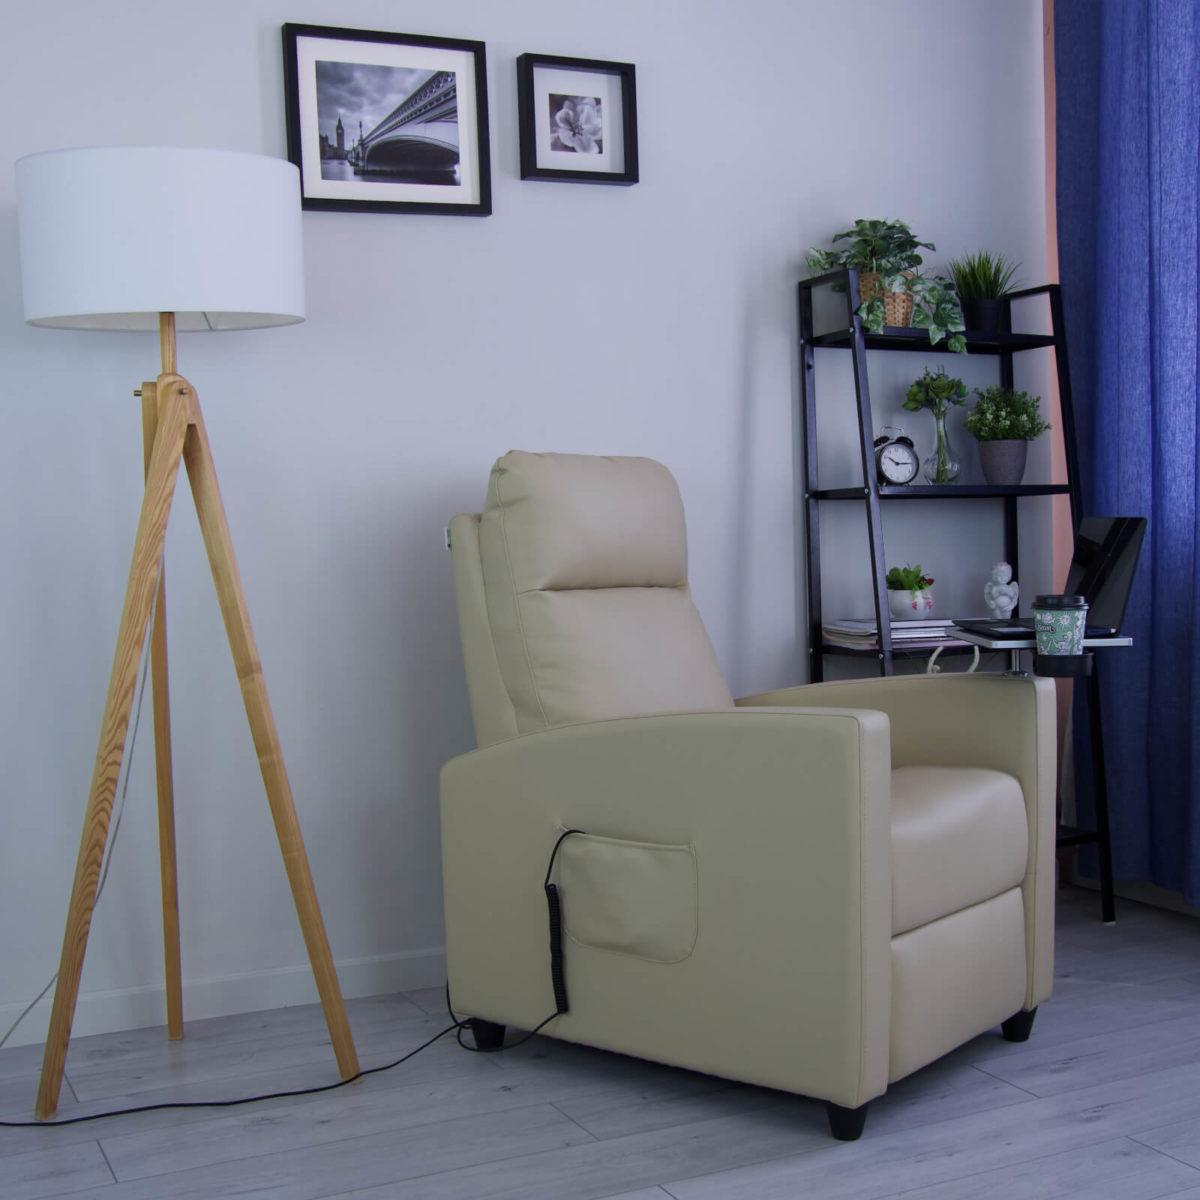 Кресло-реклайнер Эми Электро (эко-кожа), со съёмным столиком